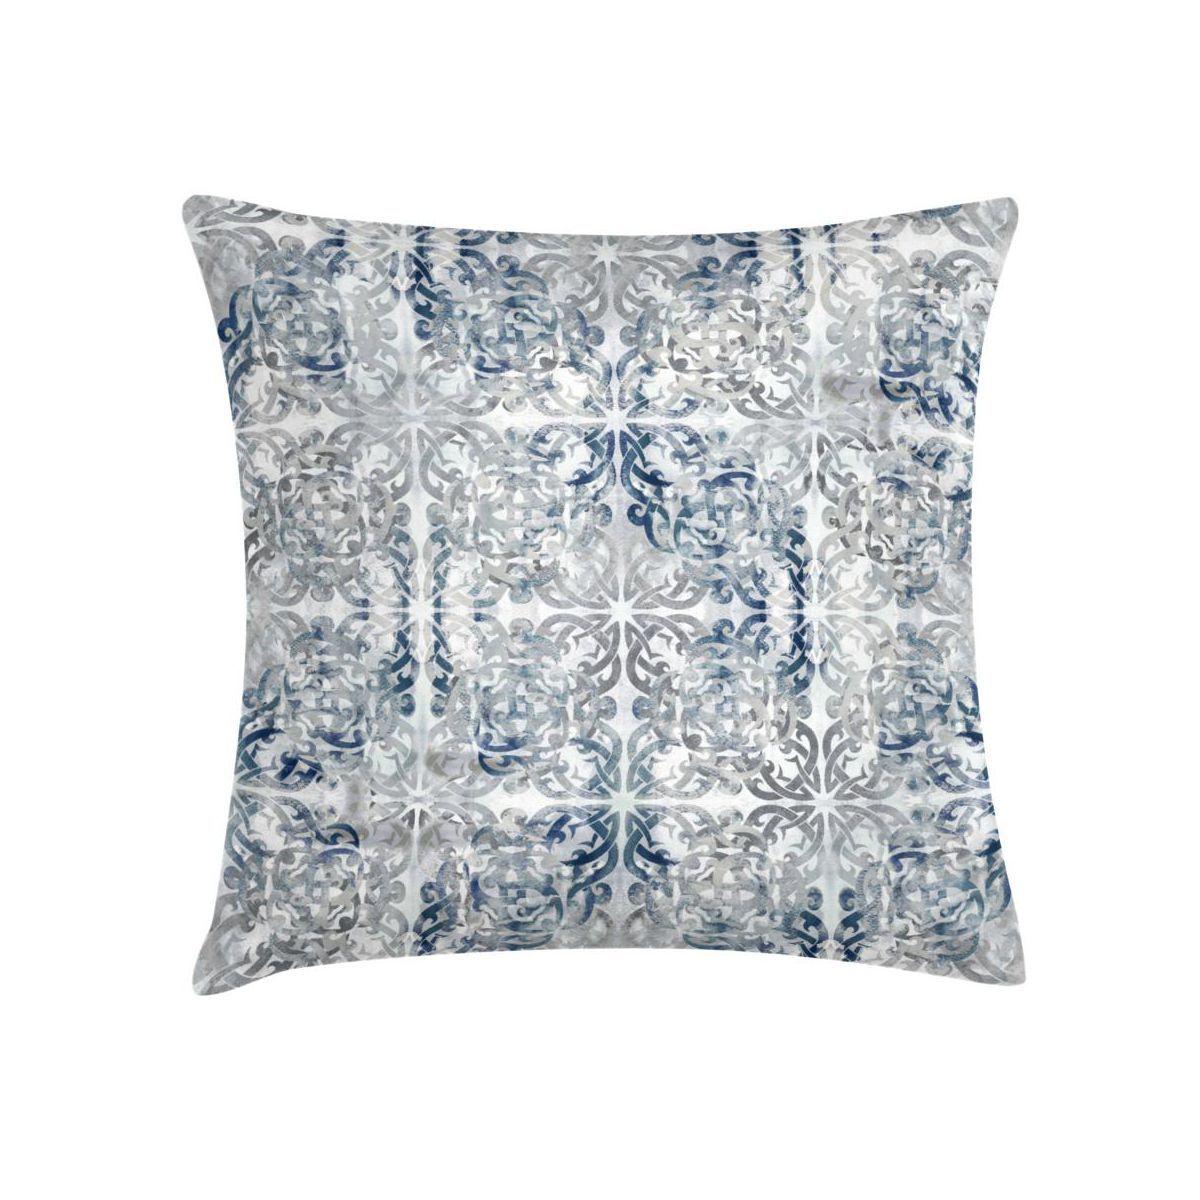 Poduszka Azule Niebieska 45 X 45 Cm Poduszki Dekoracyjne W Atrakcyjnej Cenie W Sklepach Leroy Merlin Throw Pillows Pillows Bed